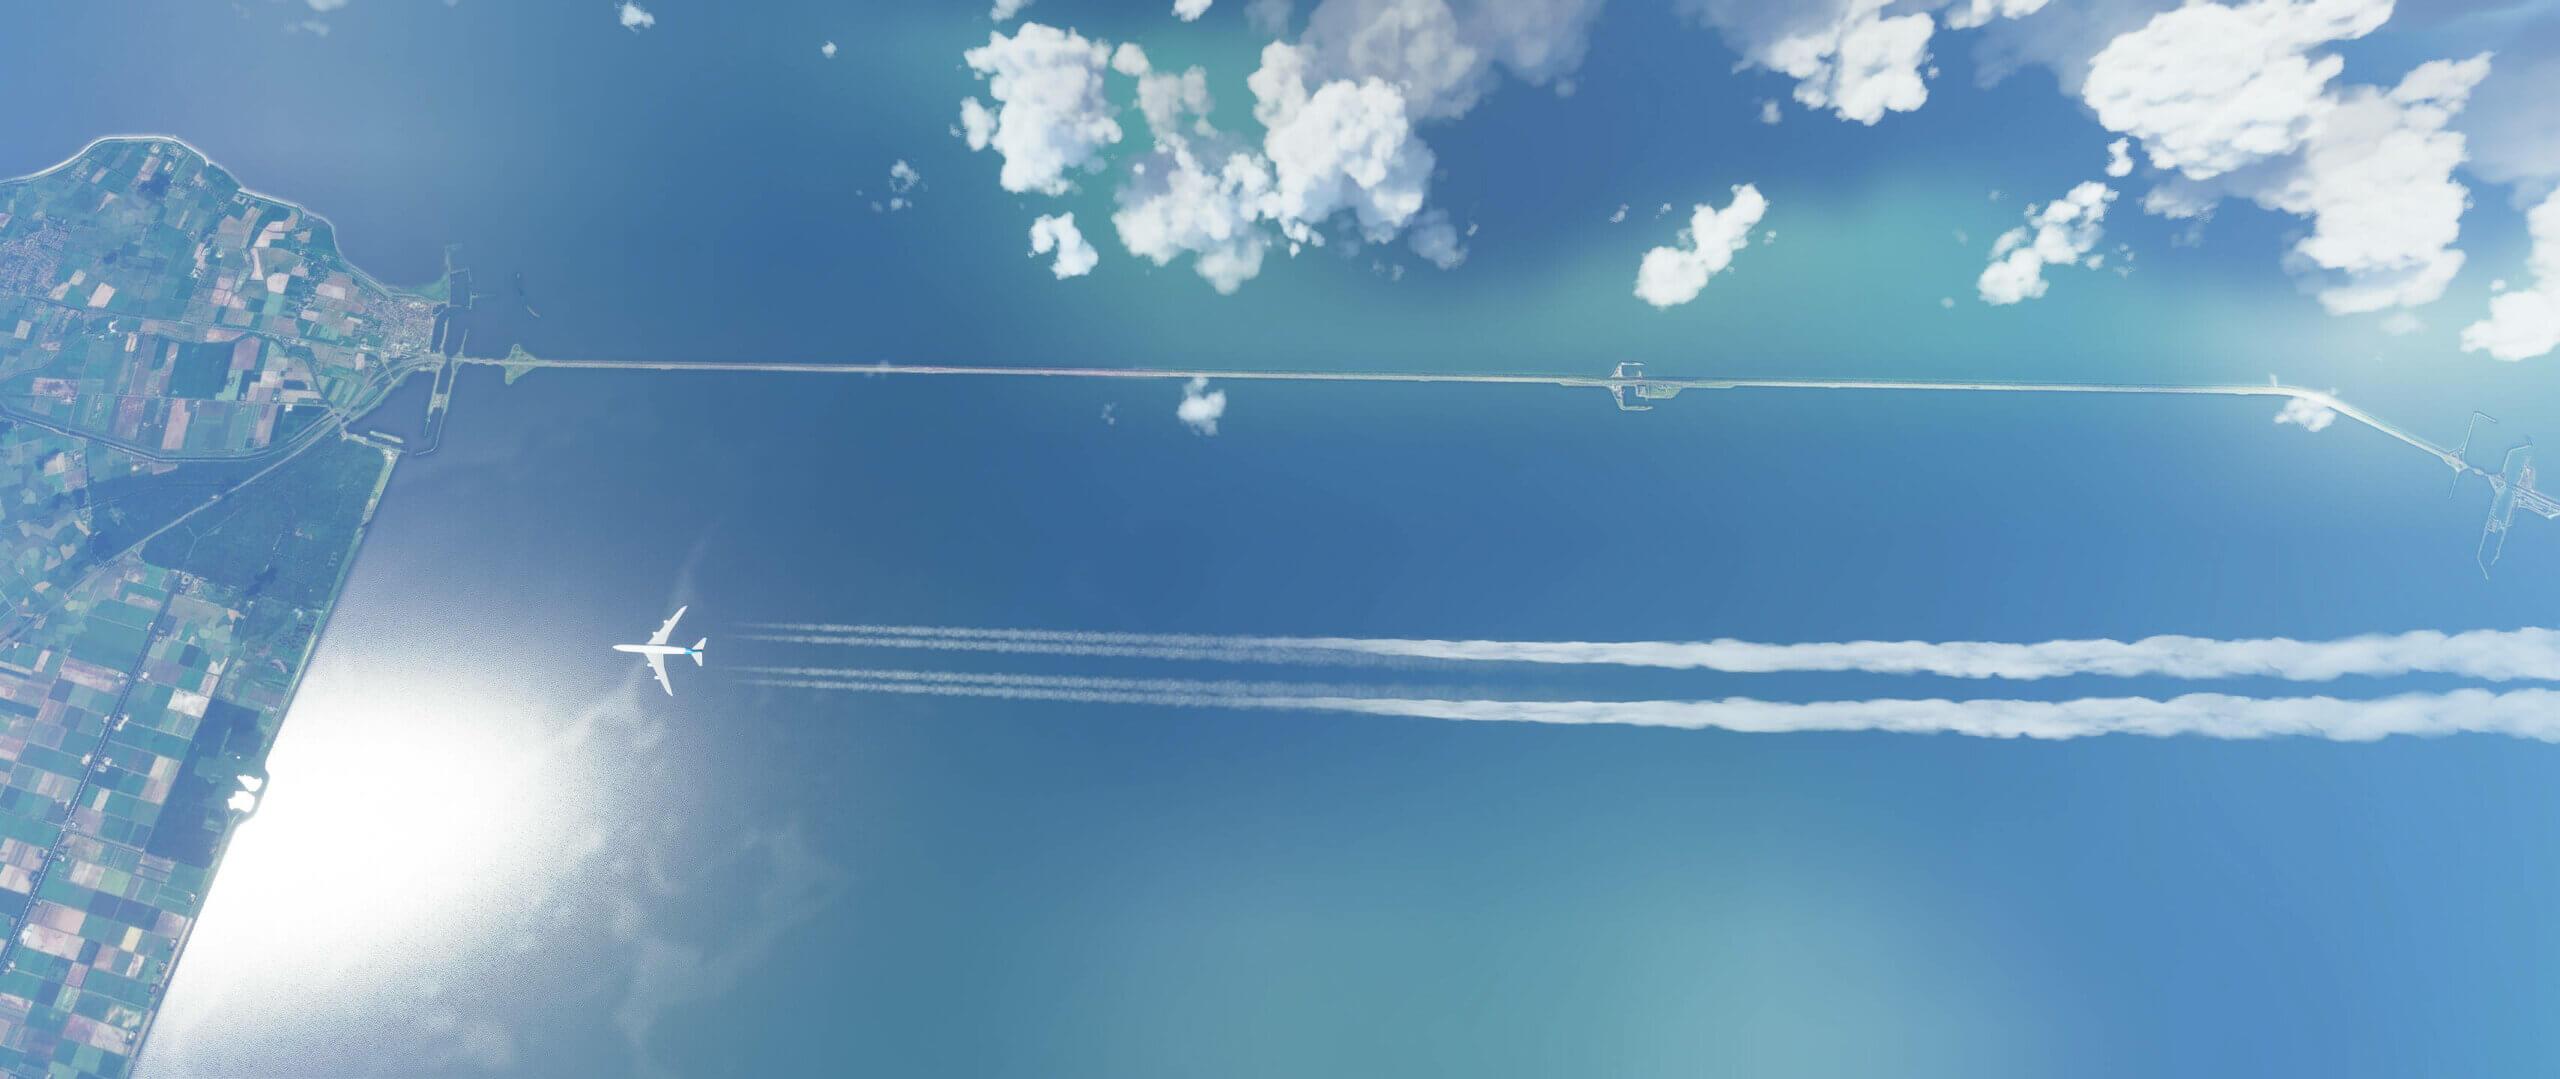 JetMocha6156-scaled.jpeg